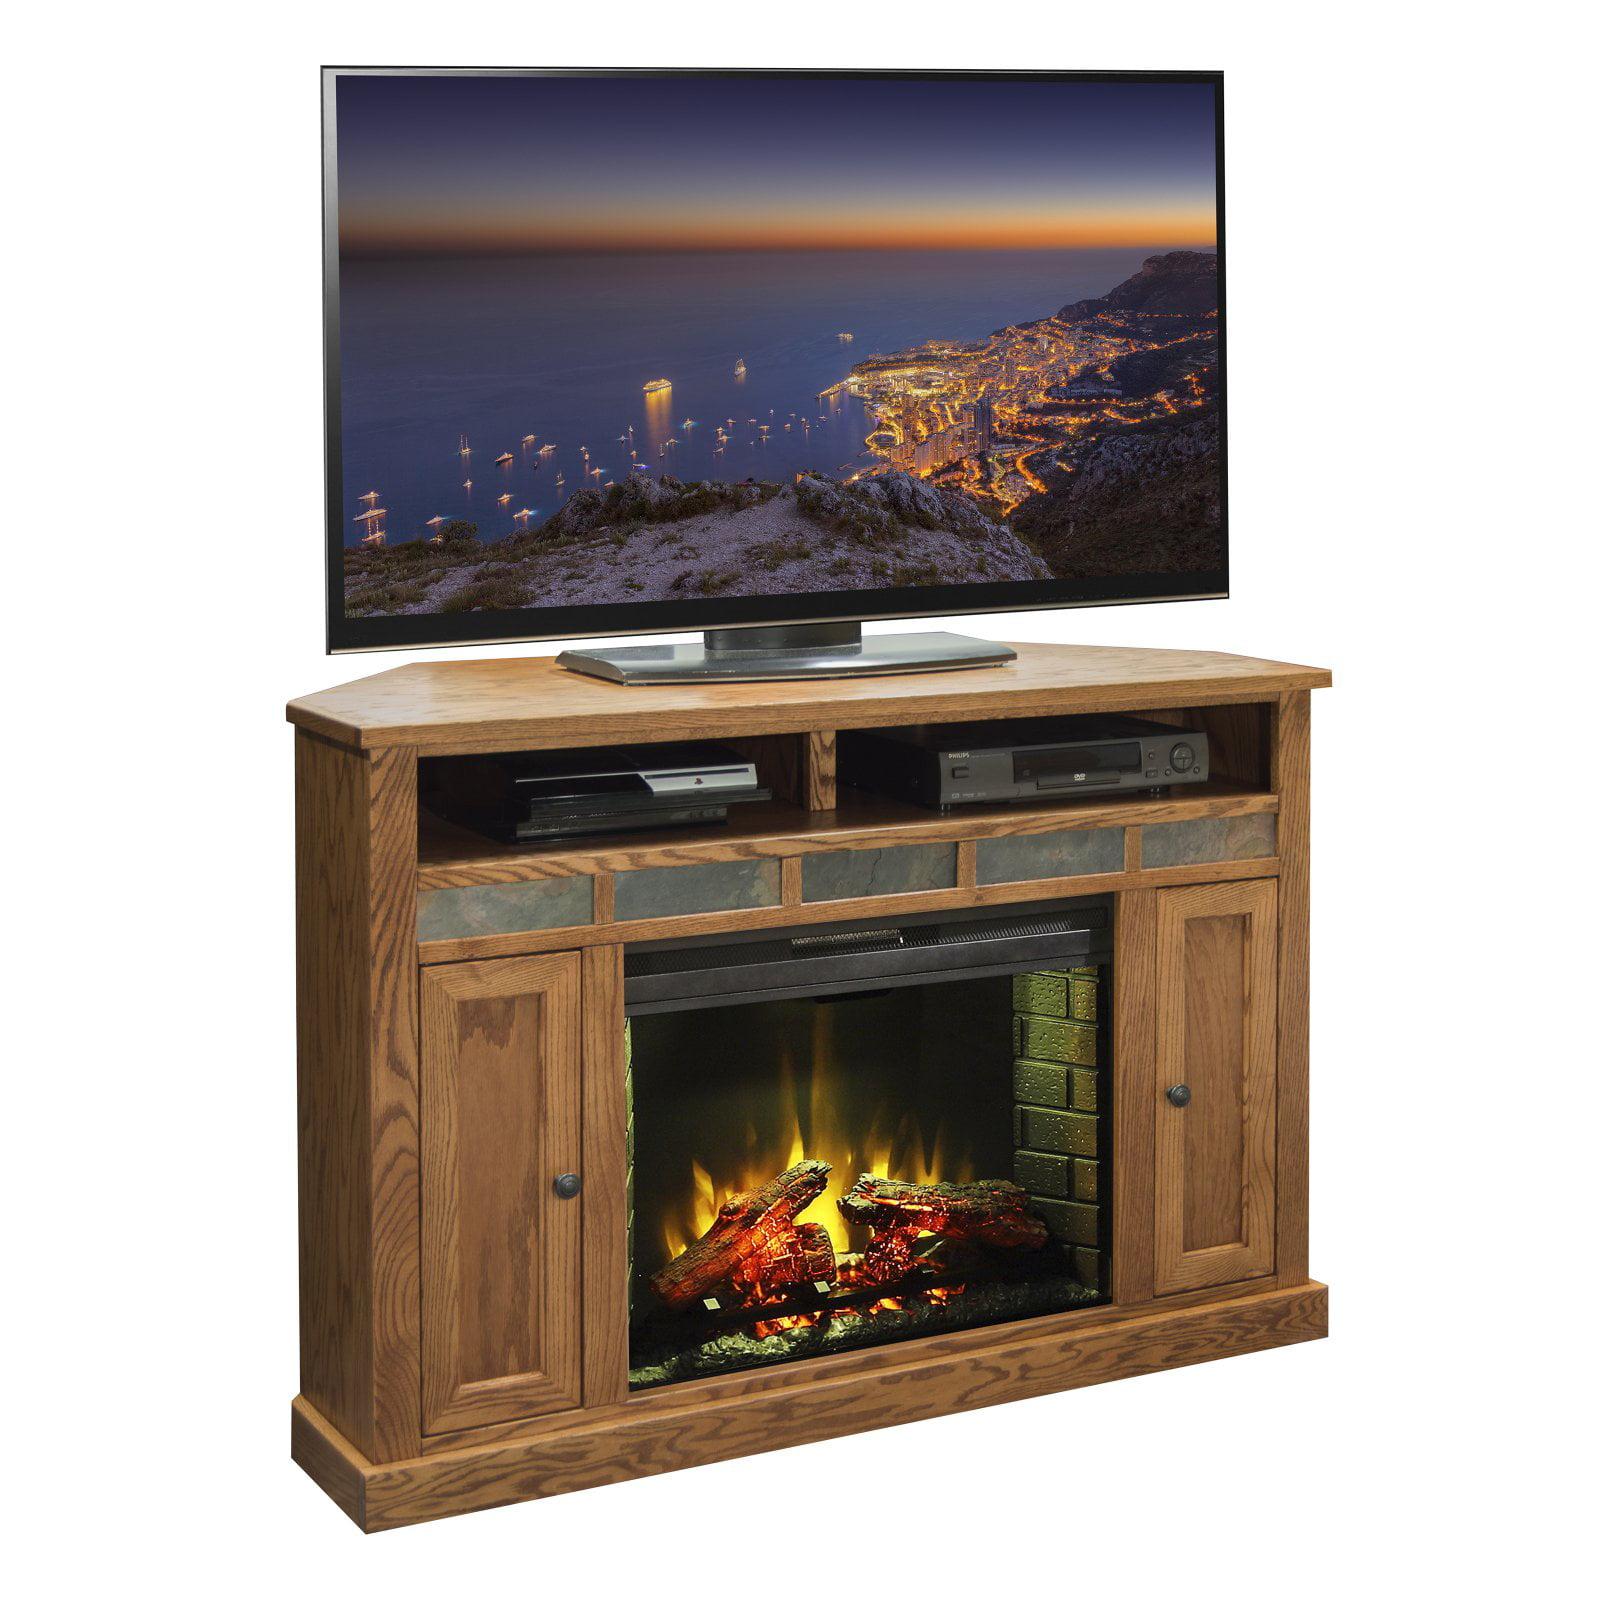 Legends Furniture Oak Creek 56 in. Electric Media Corner Fireplace